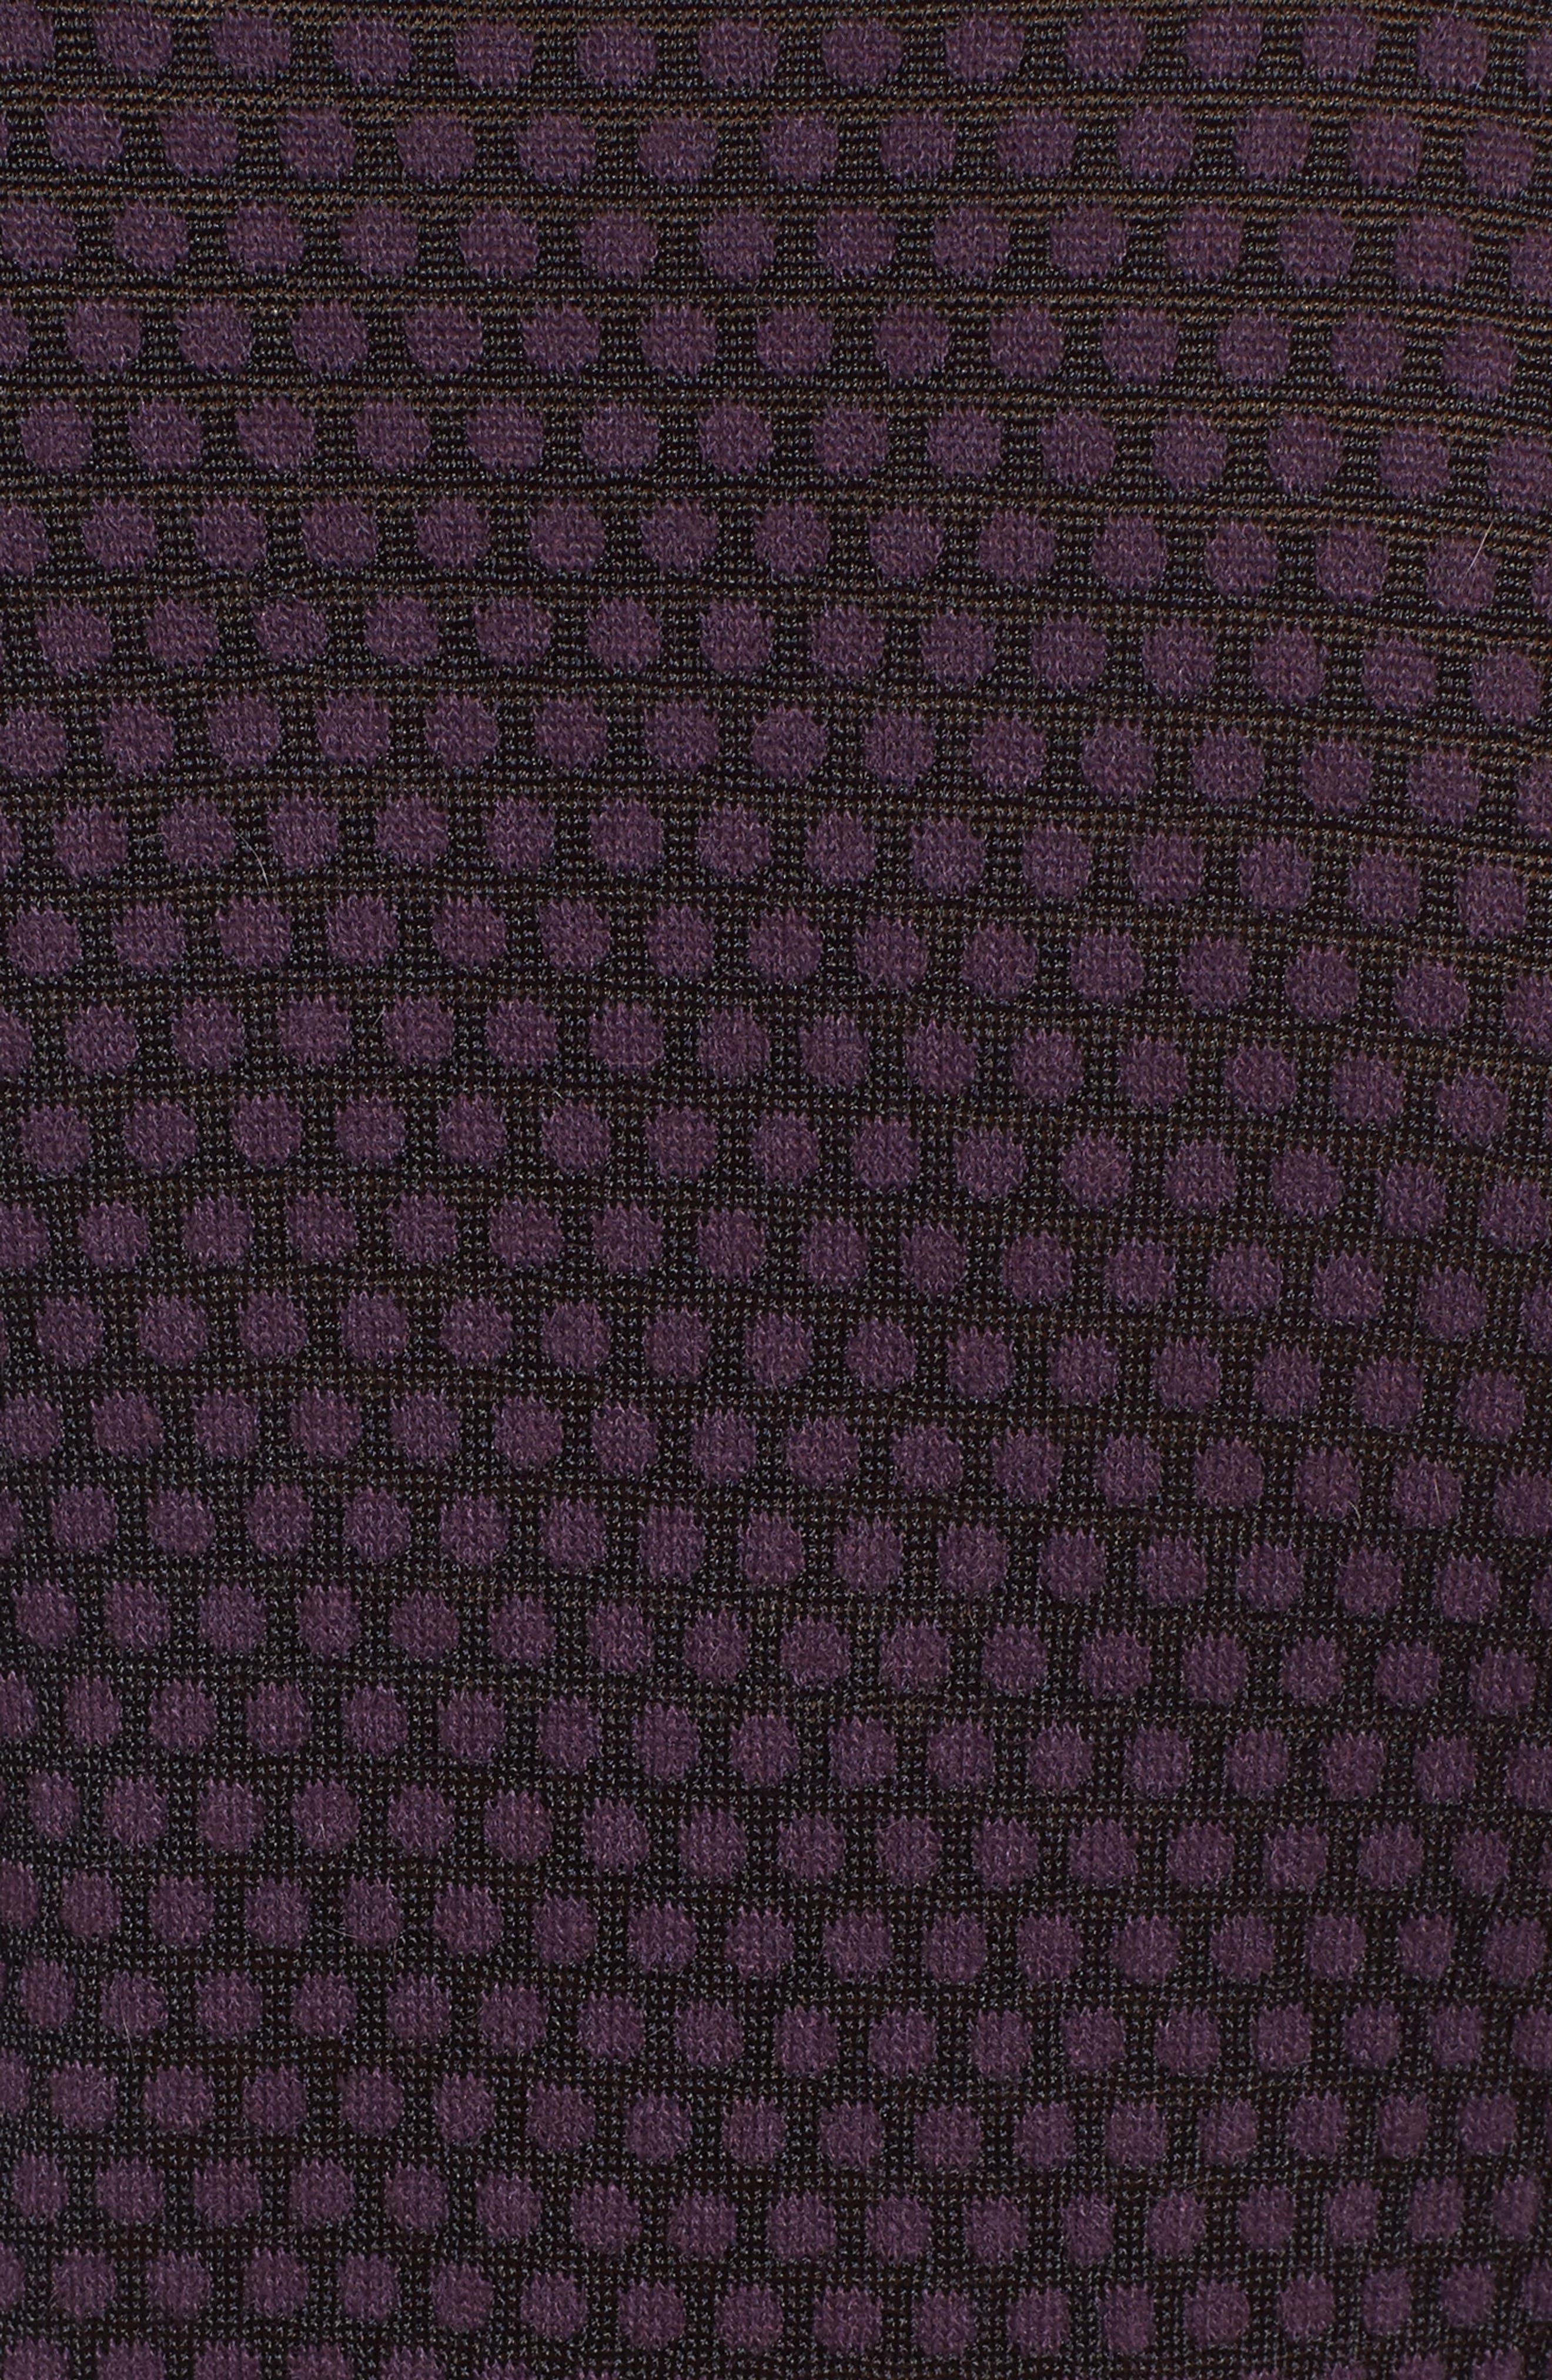 Dot Fielitza Jacquard Sweater,                             Alternate thumbnail 5, color,                             575